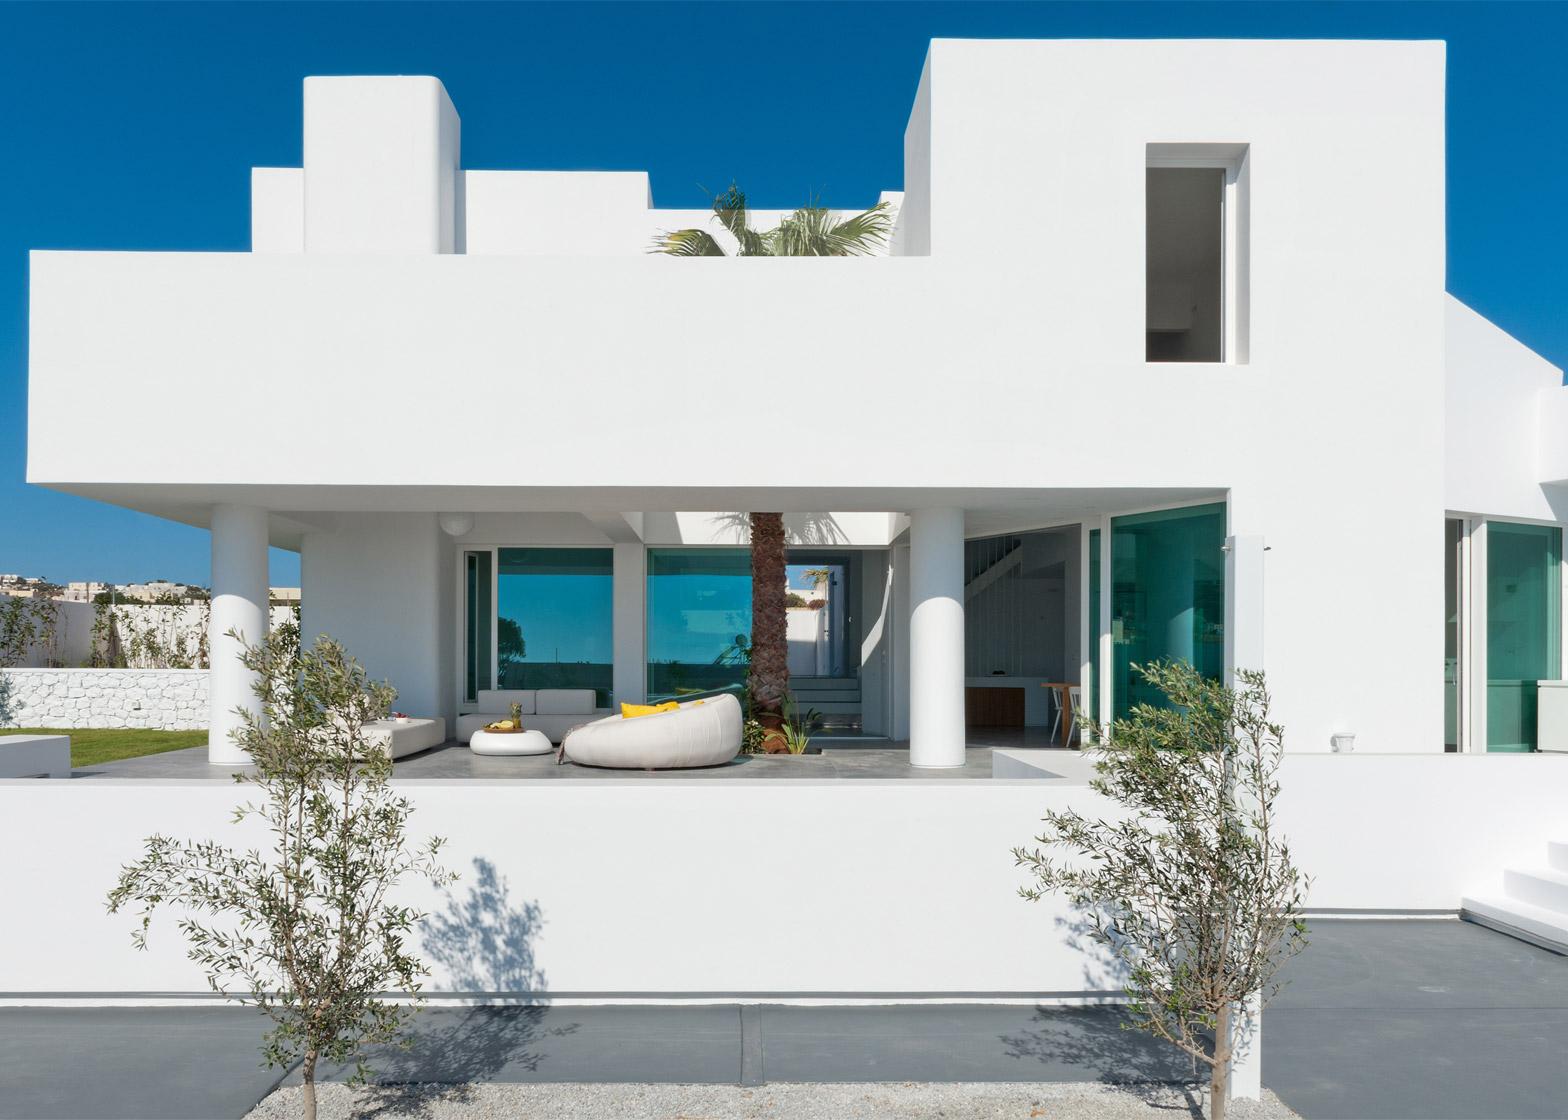 Summer-House-in-Santorini_Kapsimalis-Architects_dezeen_1568_1